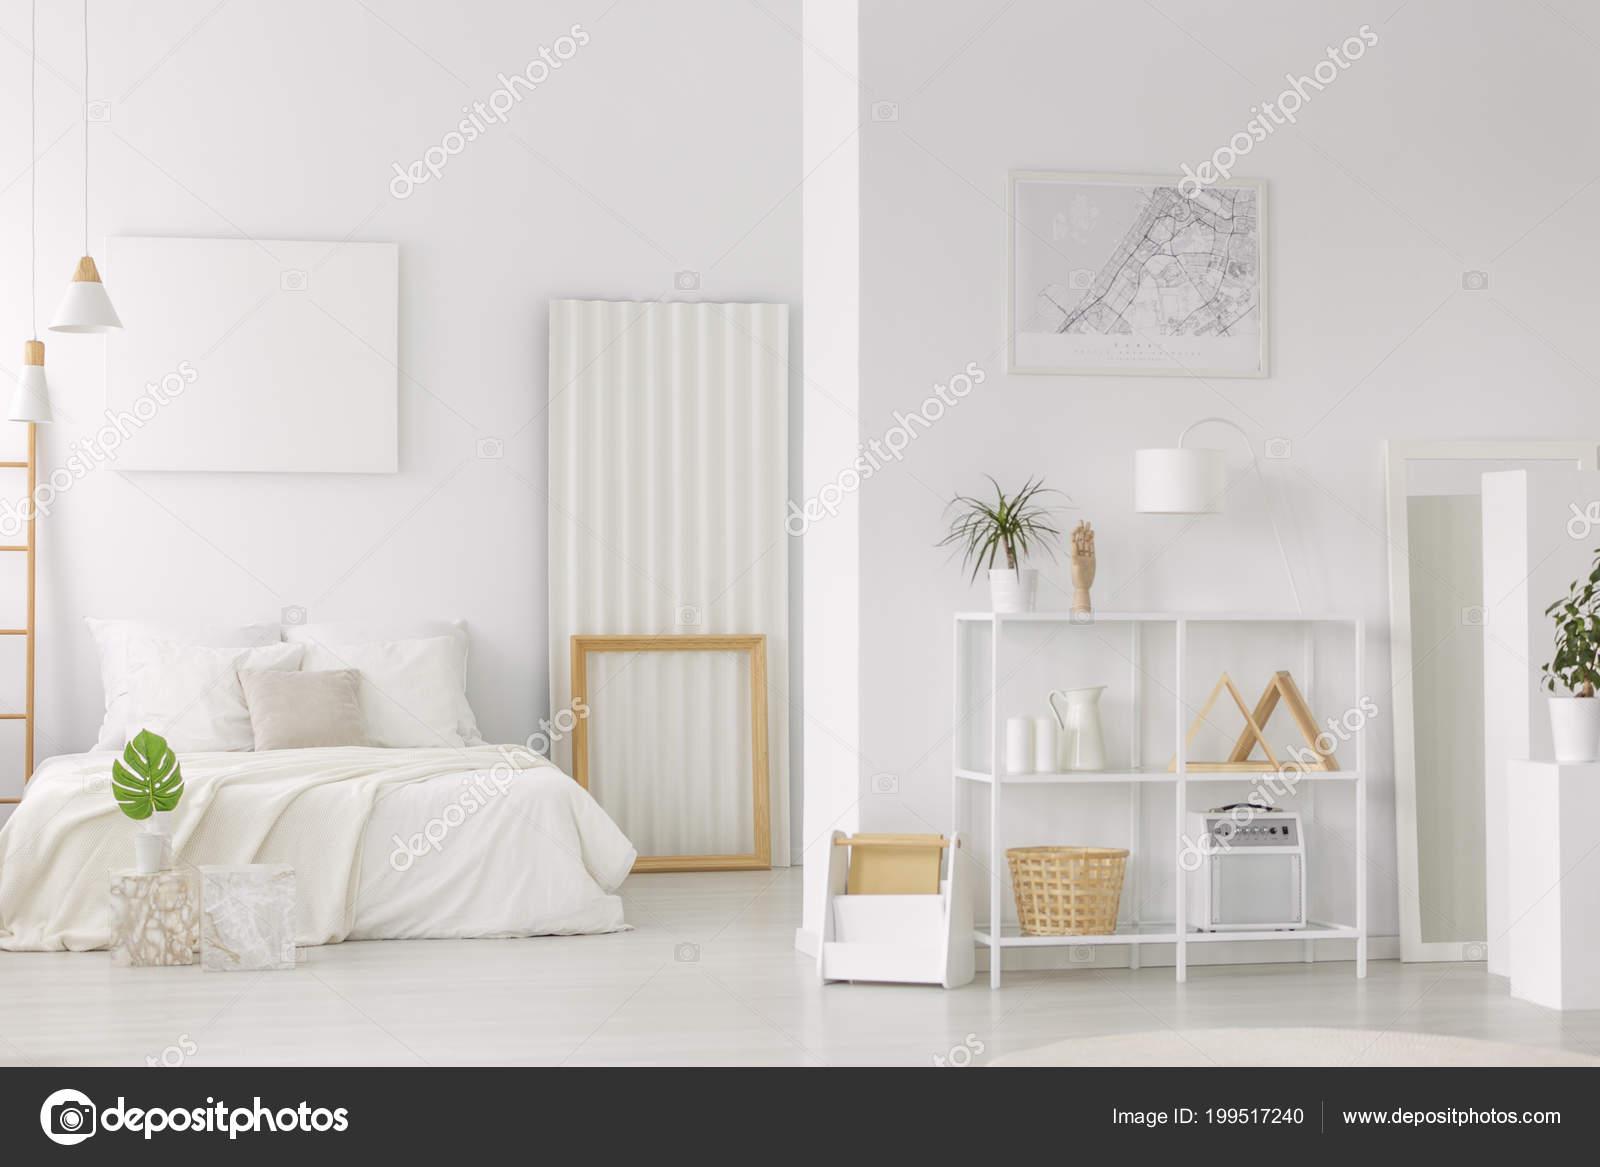 Grünes Blatt Vor Der Bett Neben Einem Holzrahmen Innen ...